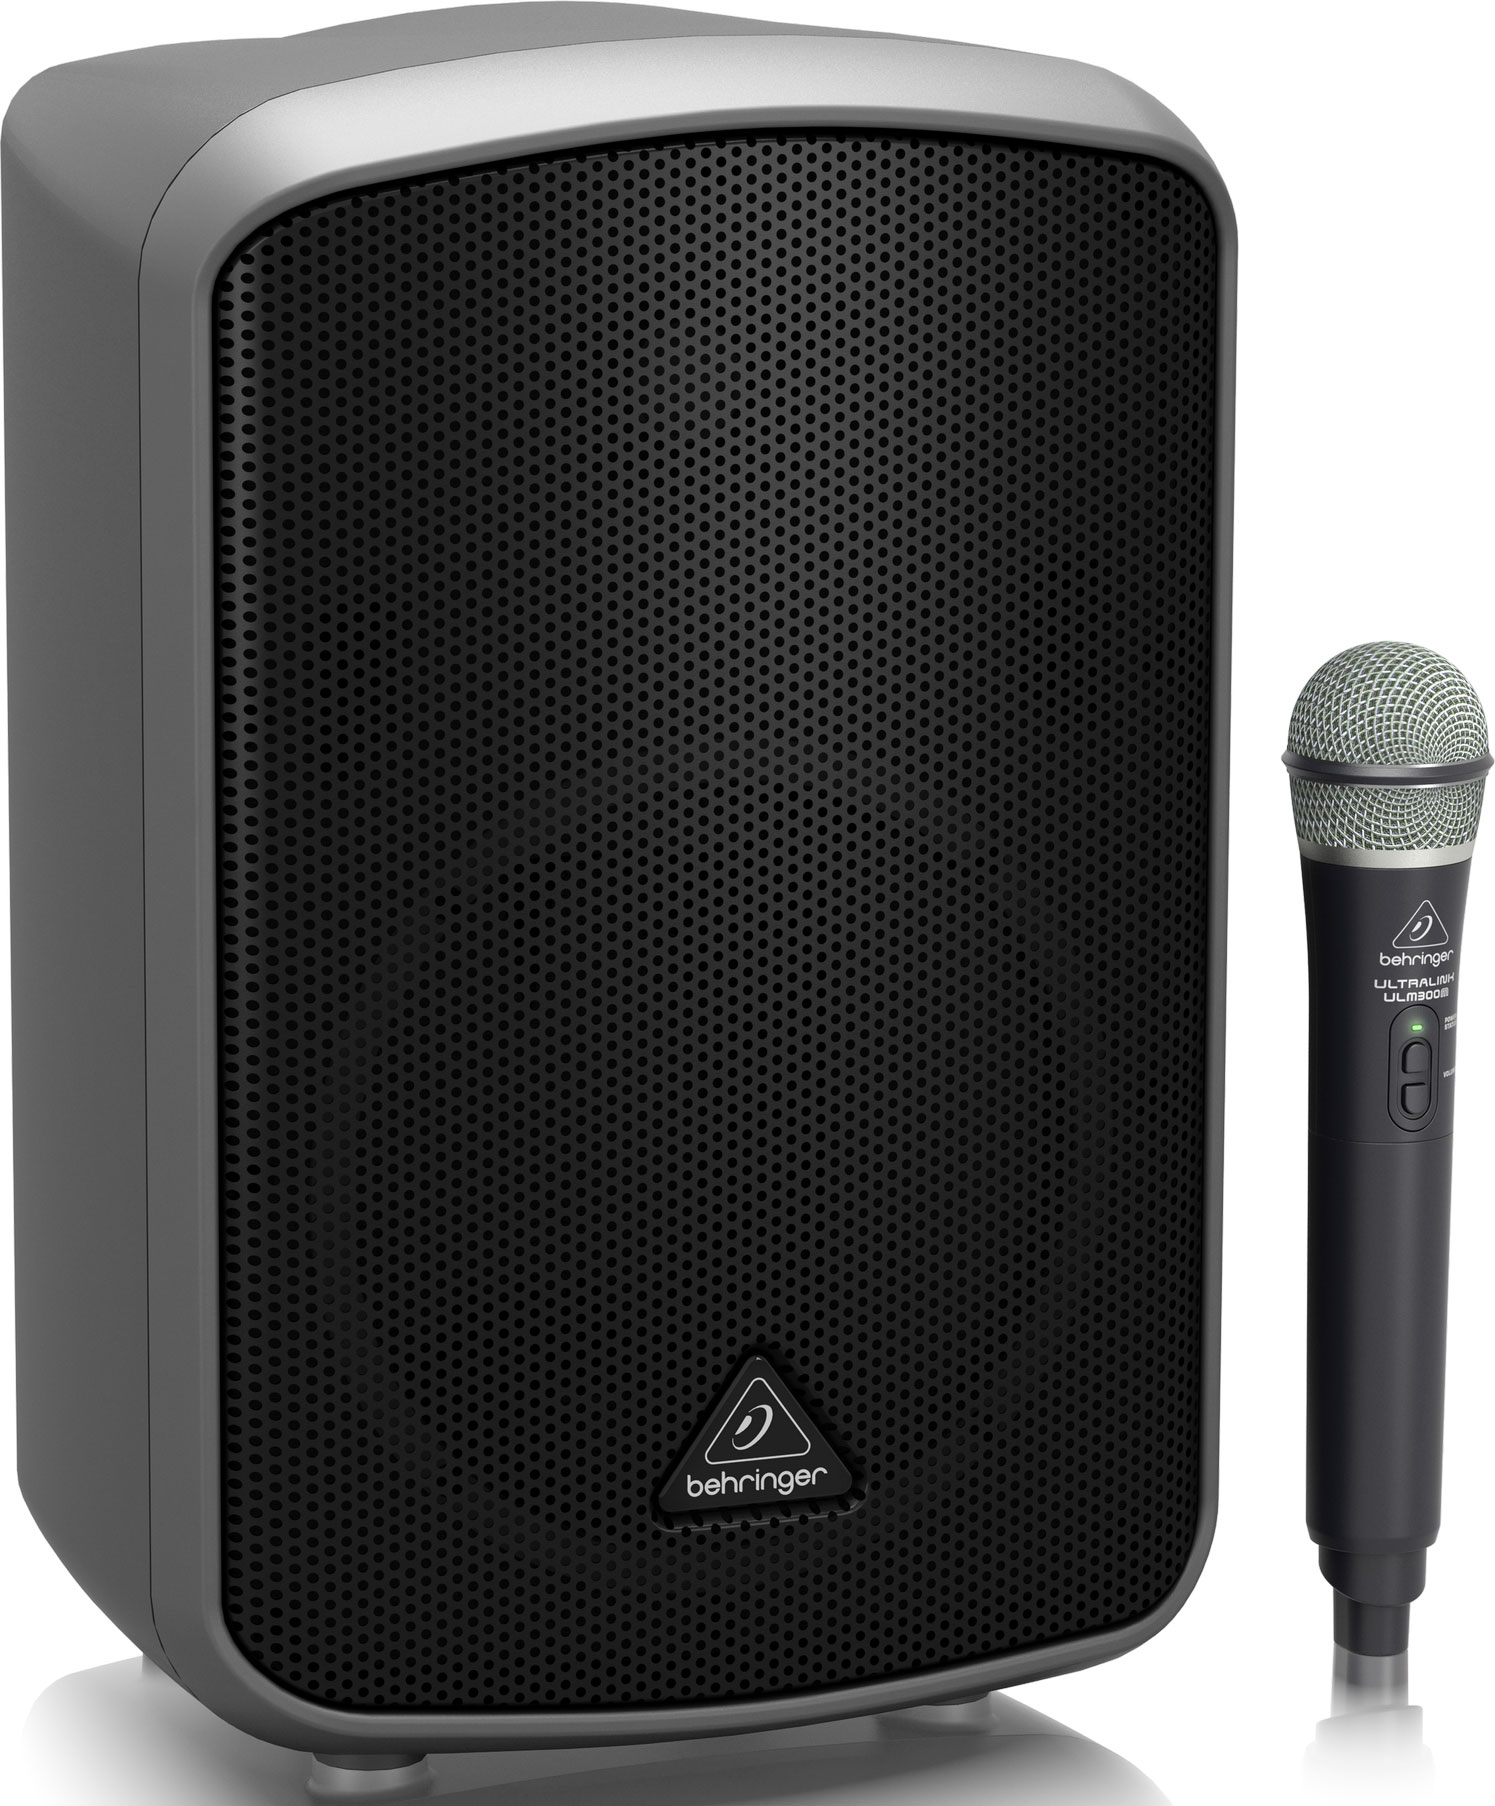 Средства акустической разведки: направленные микрофоны и лазерные акустические системы